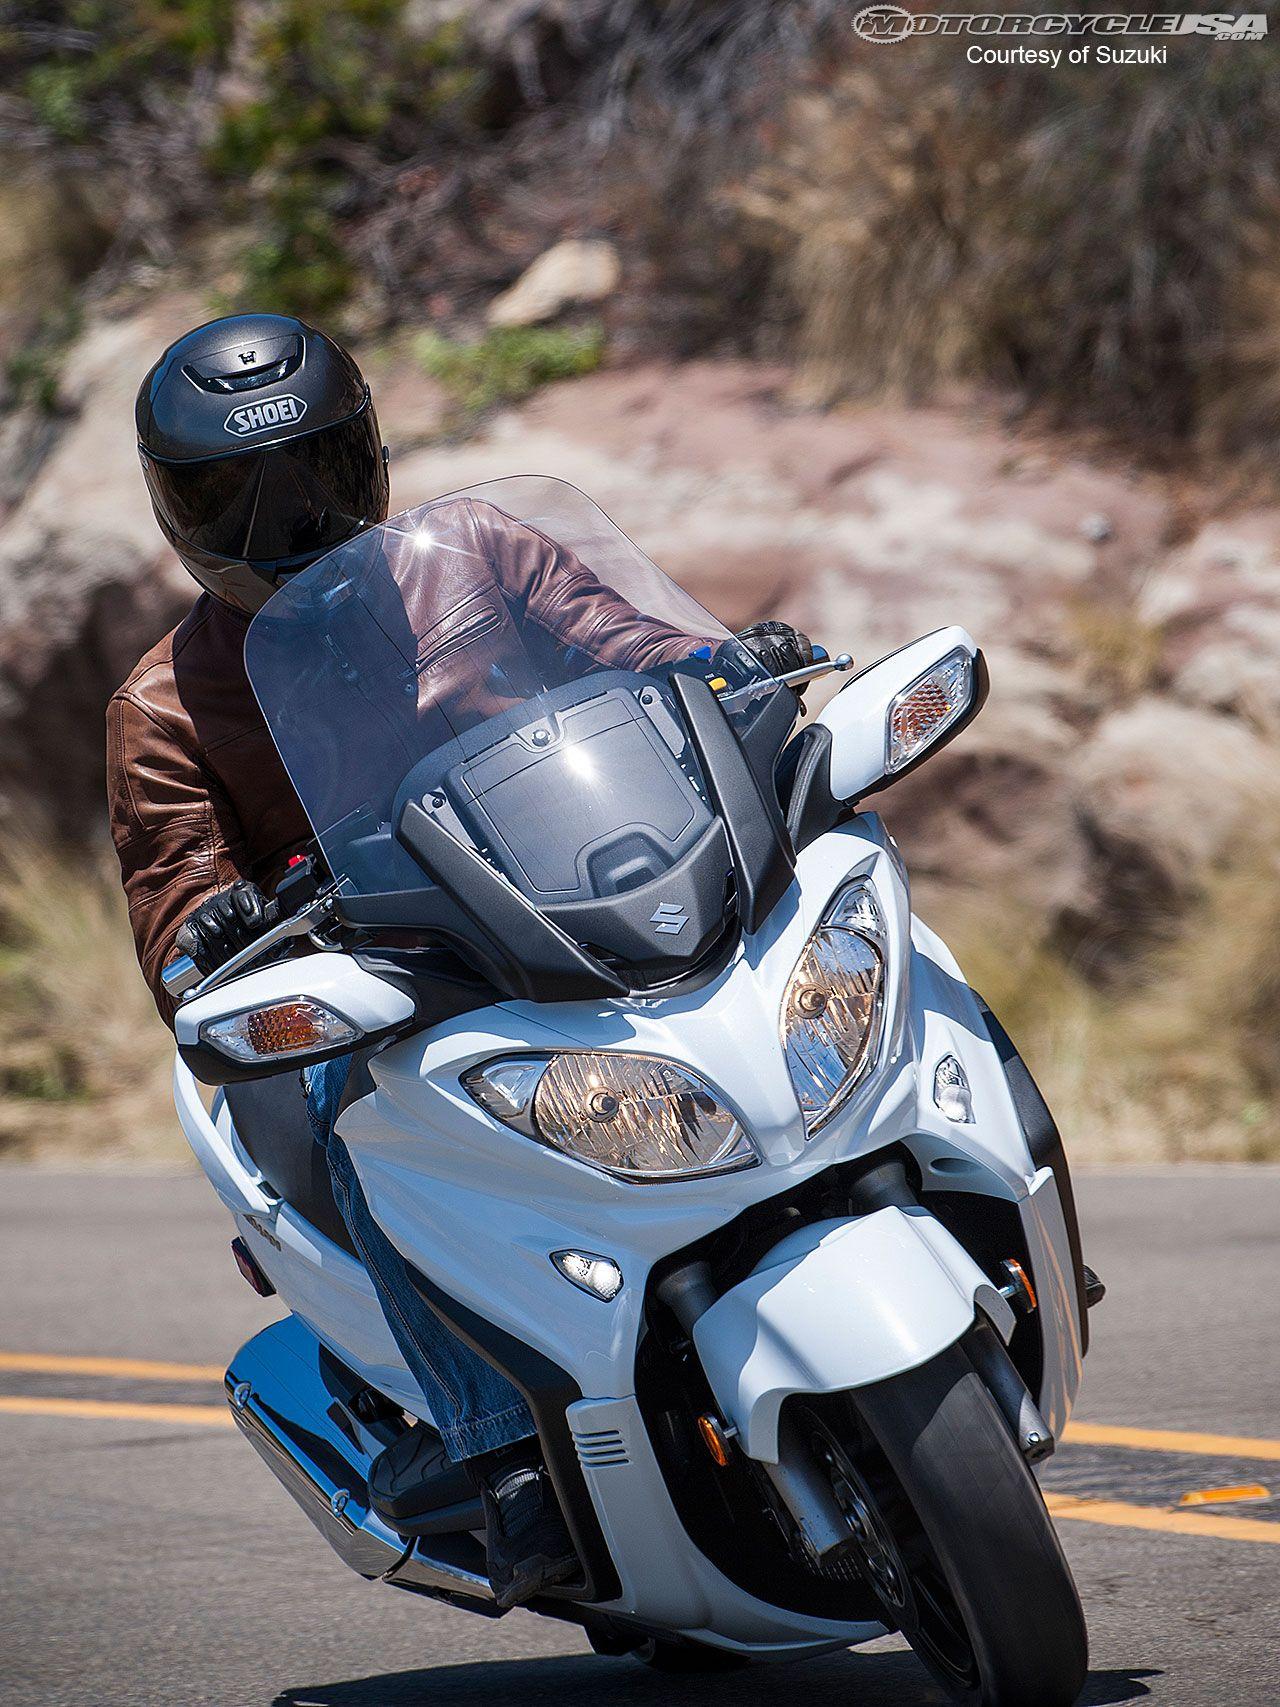 2013 Suzuki Burgman 650 ABS First Ride Photos Motorcycle